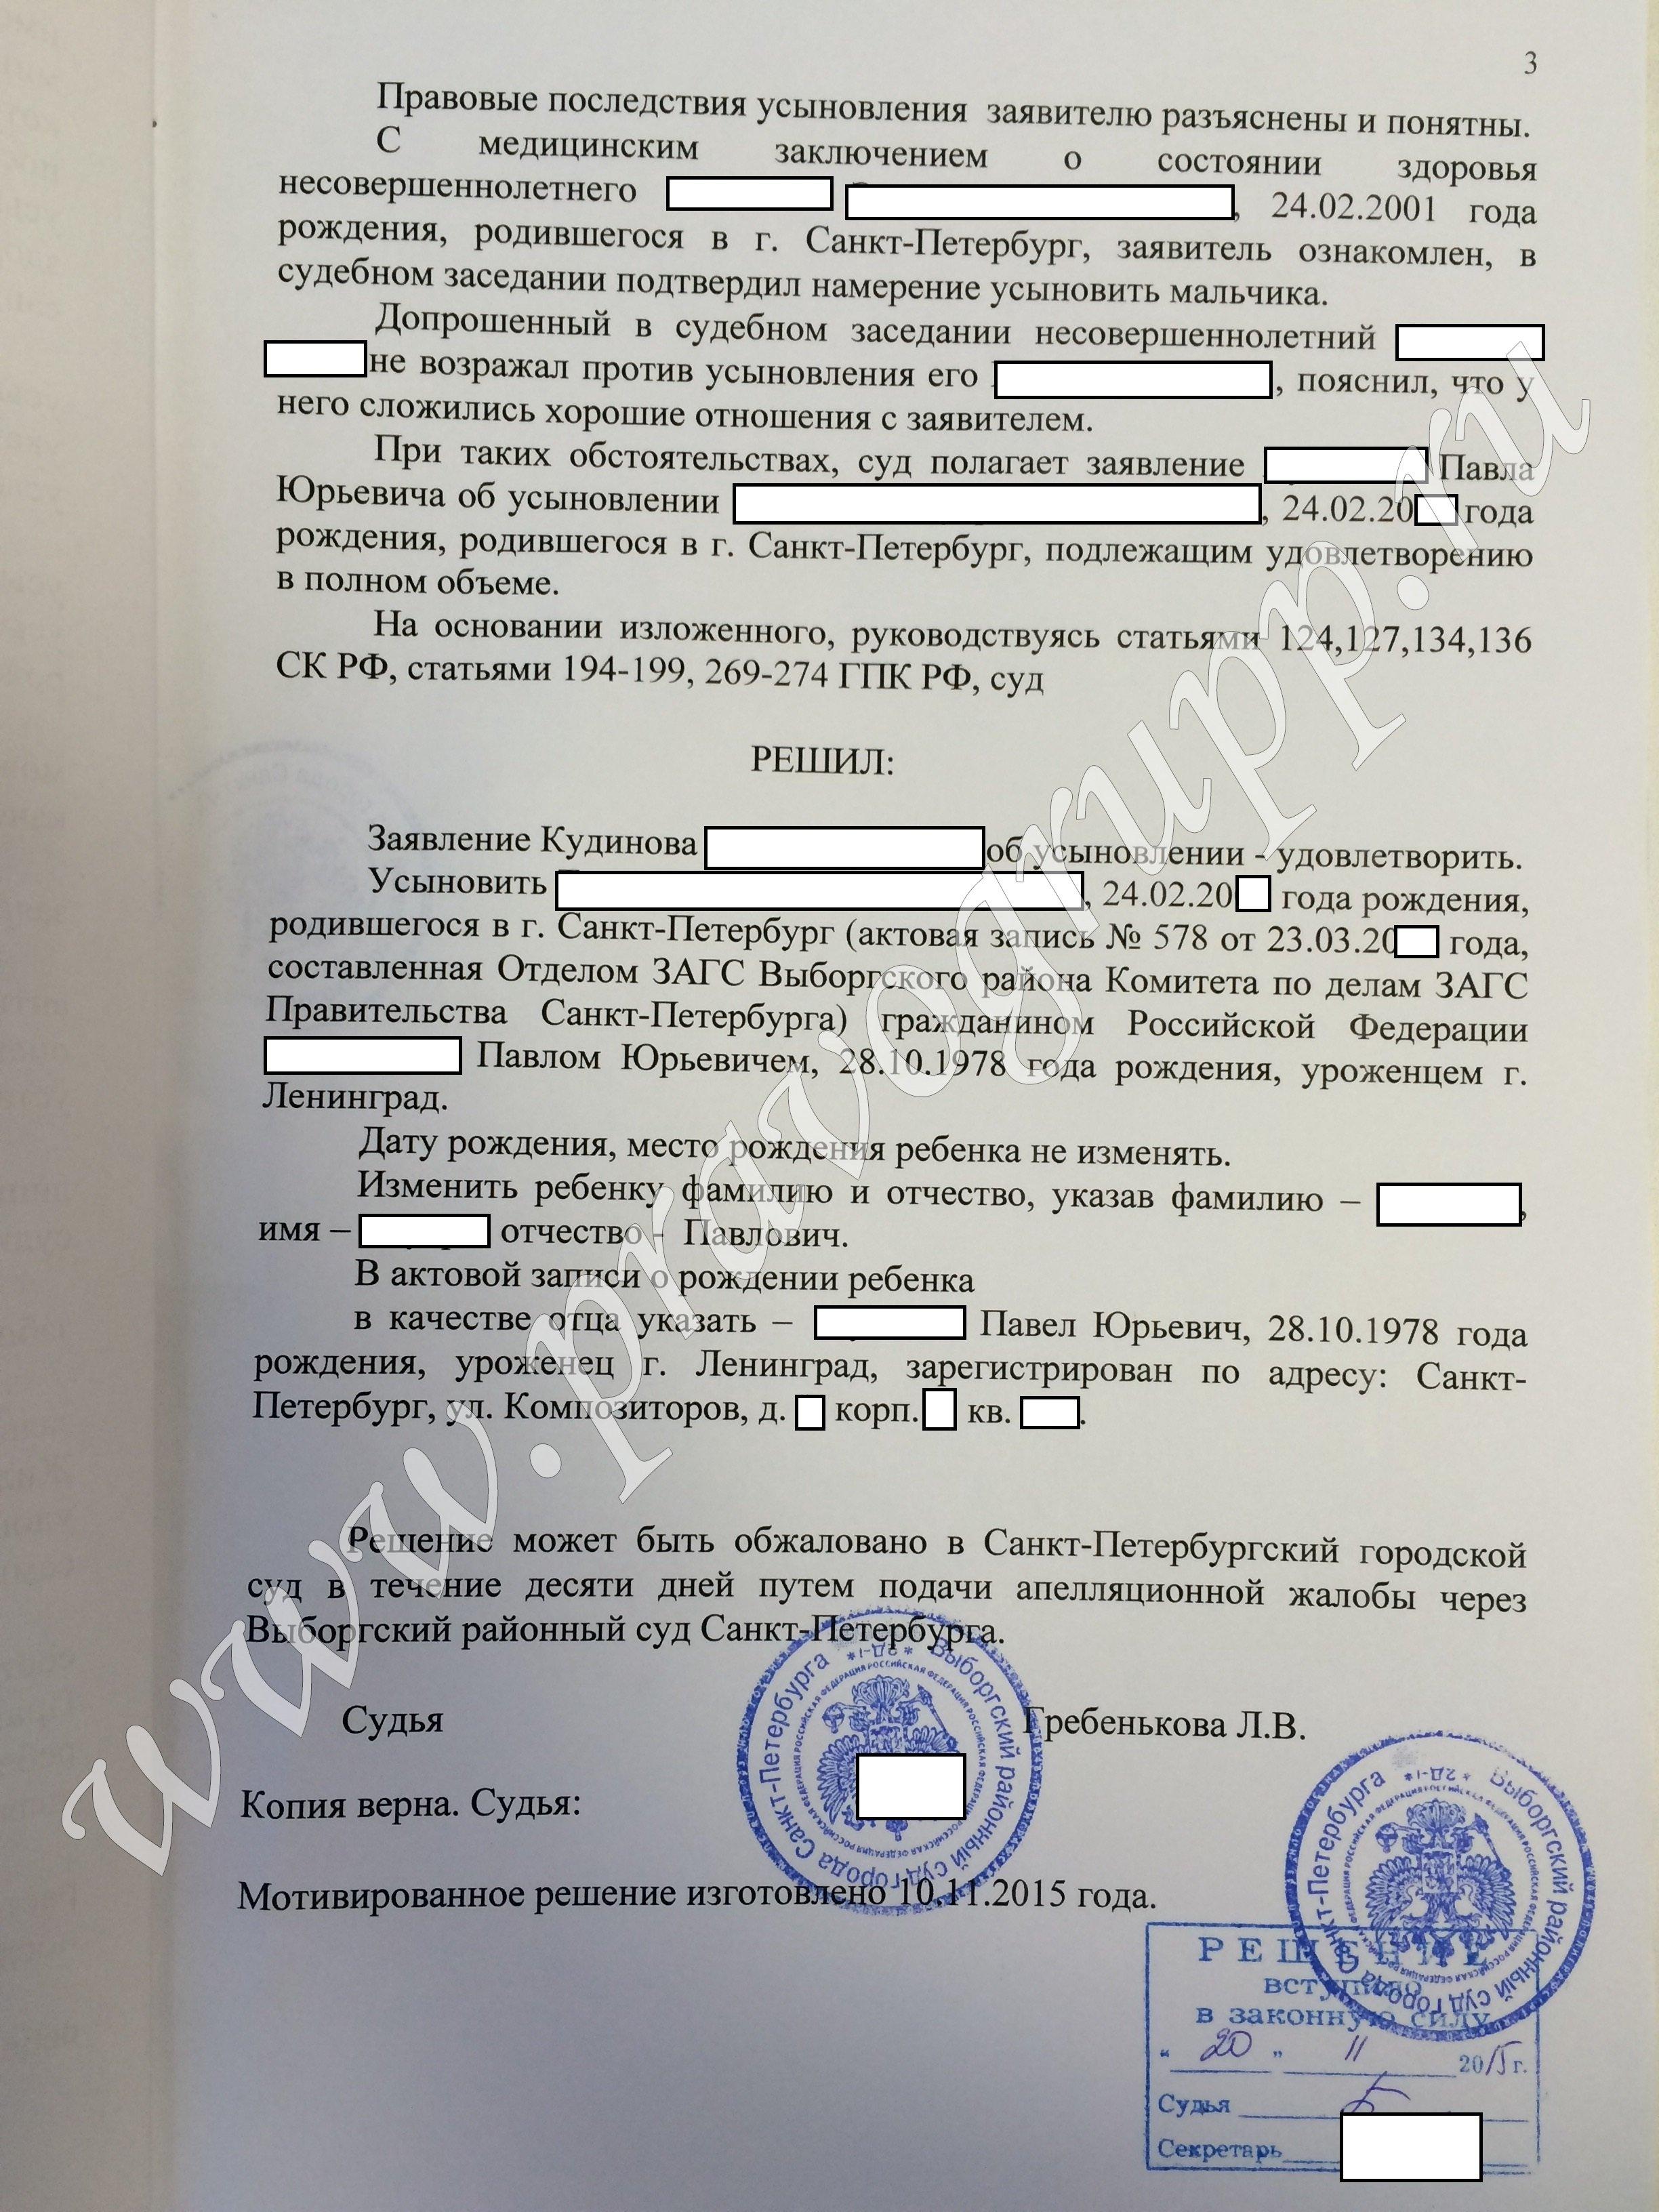 видео требования прокуратуры при усыновлении поиска:улица: